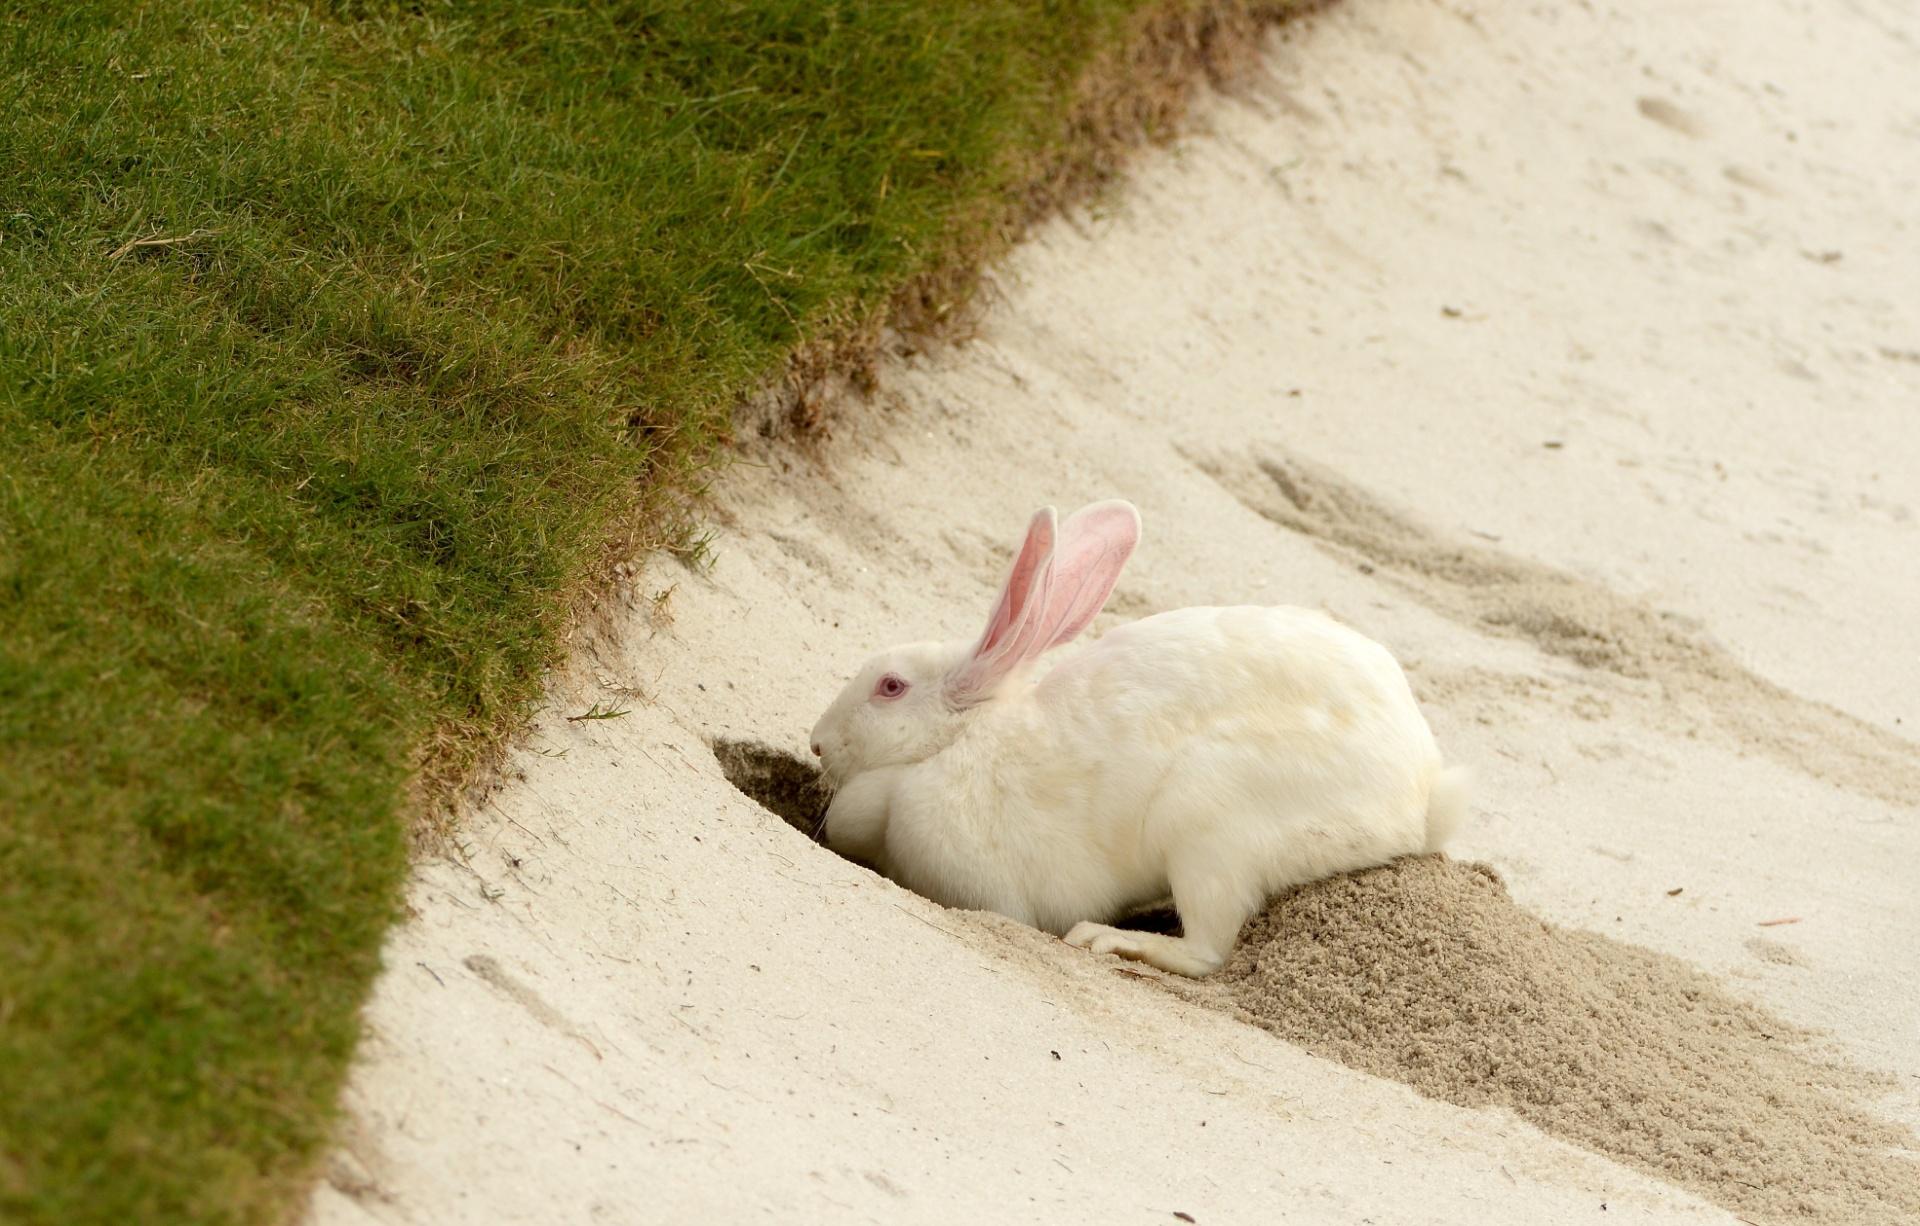 Coelho cava buraco no banco de areia durante o Mundial de Golfe de Xangai, na China